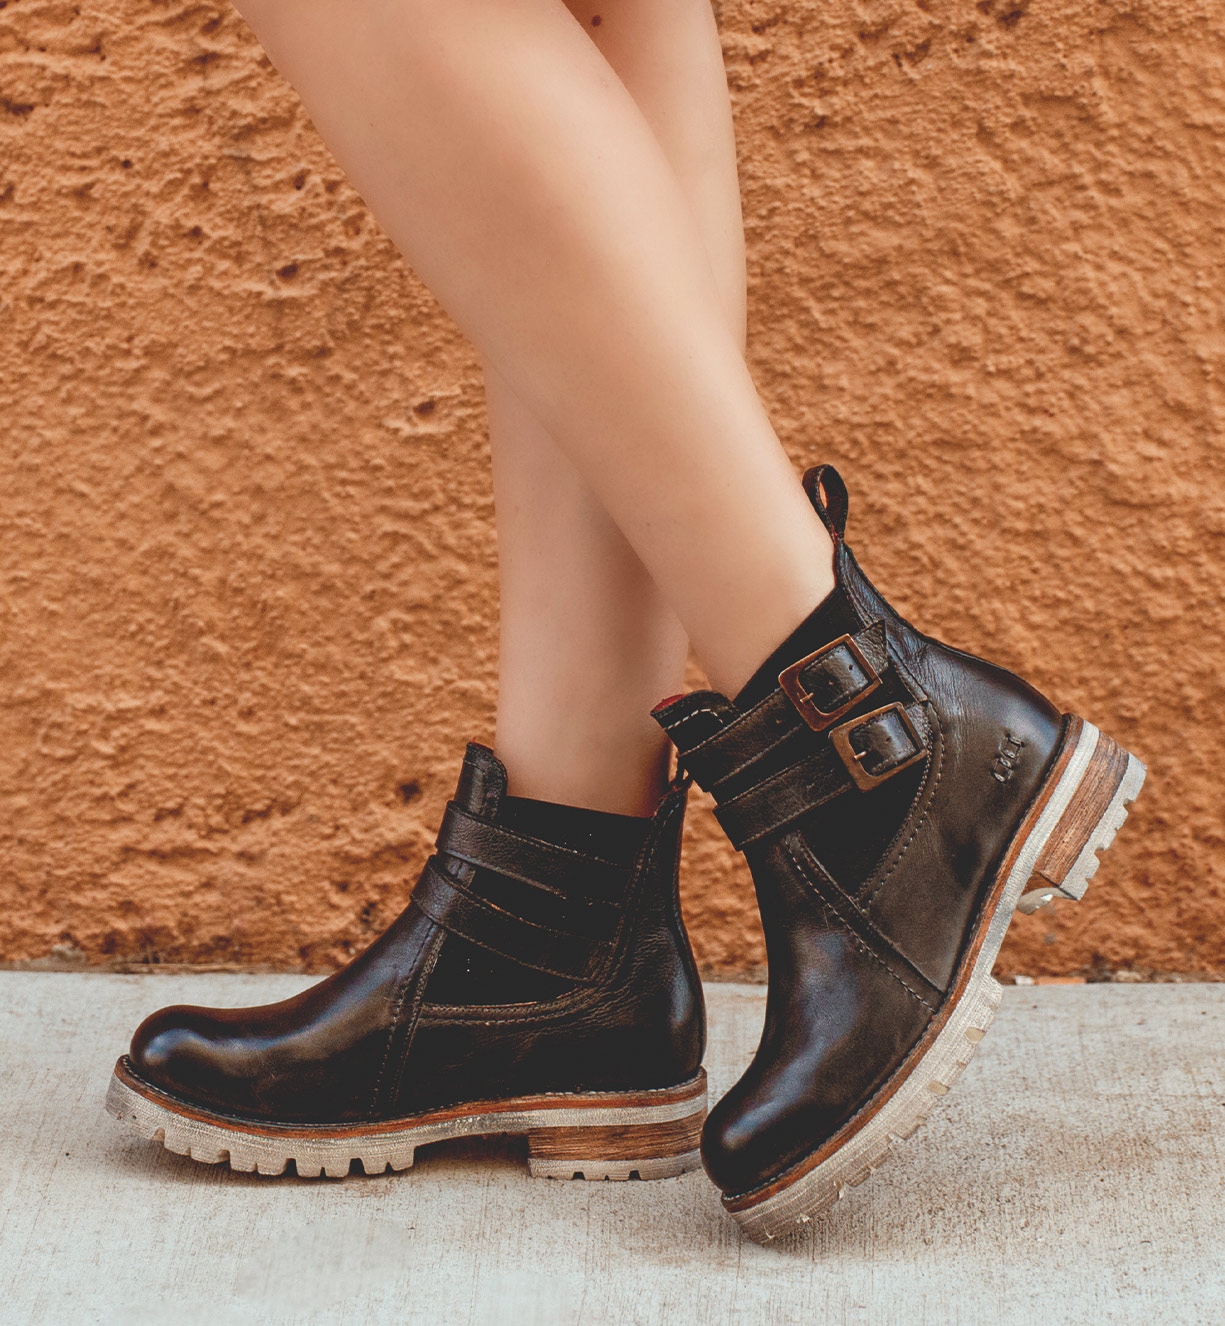 Women feet featuring lace up black short boots on lightweight platform